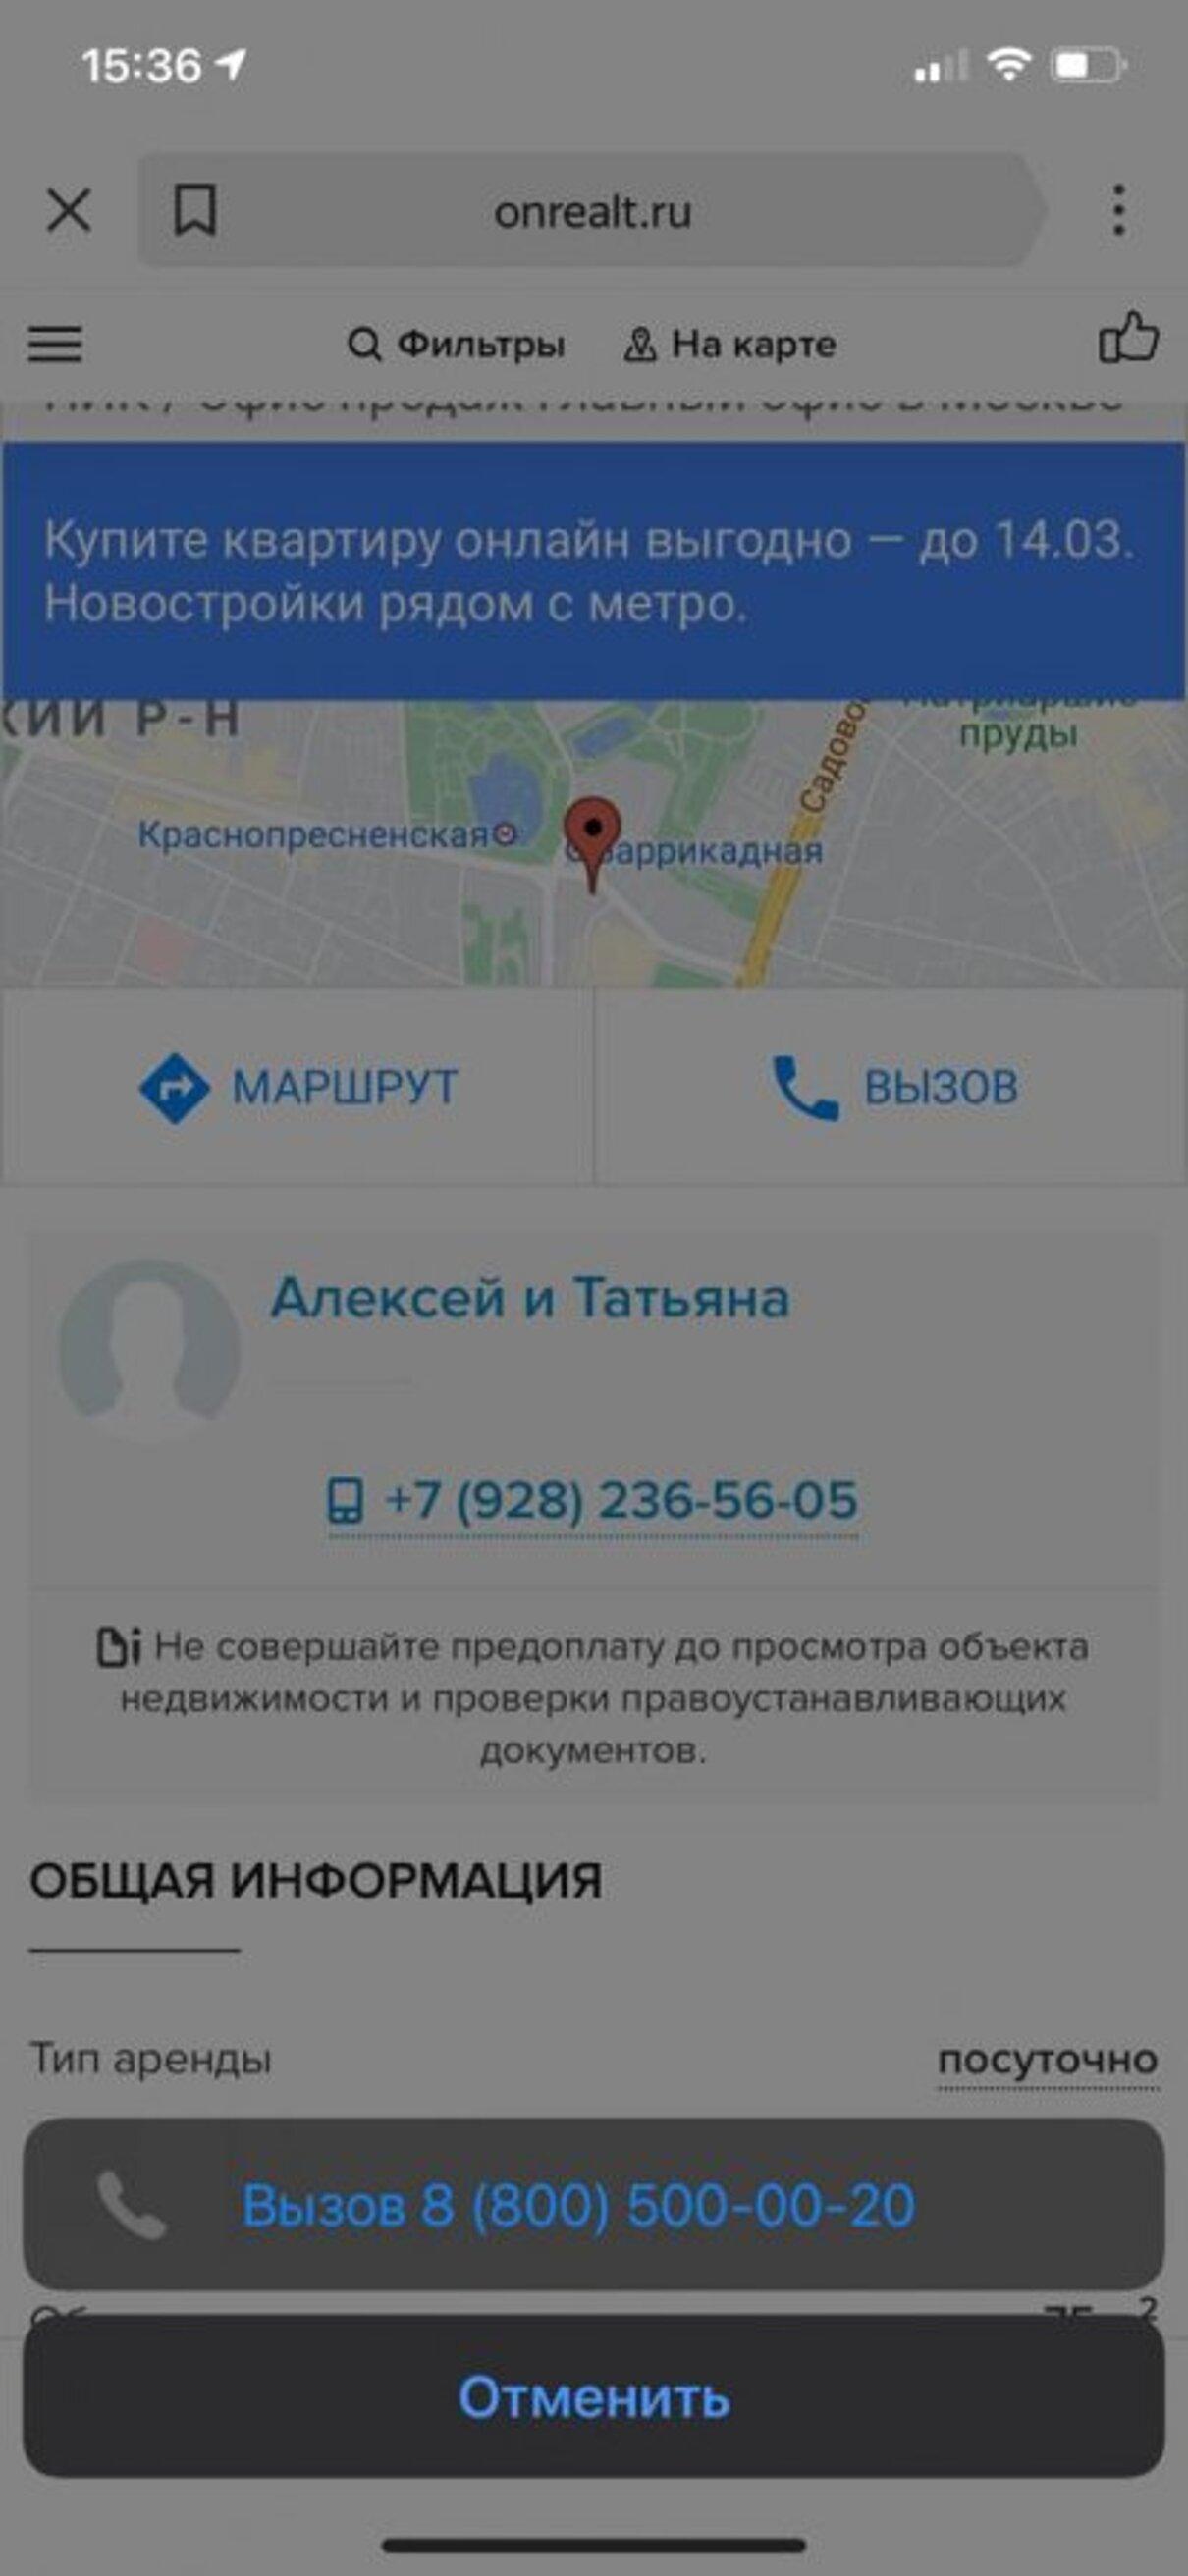 Жалоба-отзыв: Татьяна и Алексей +7 928 236-56-05 - Мошенники Сочи квартира.  Фото №2